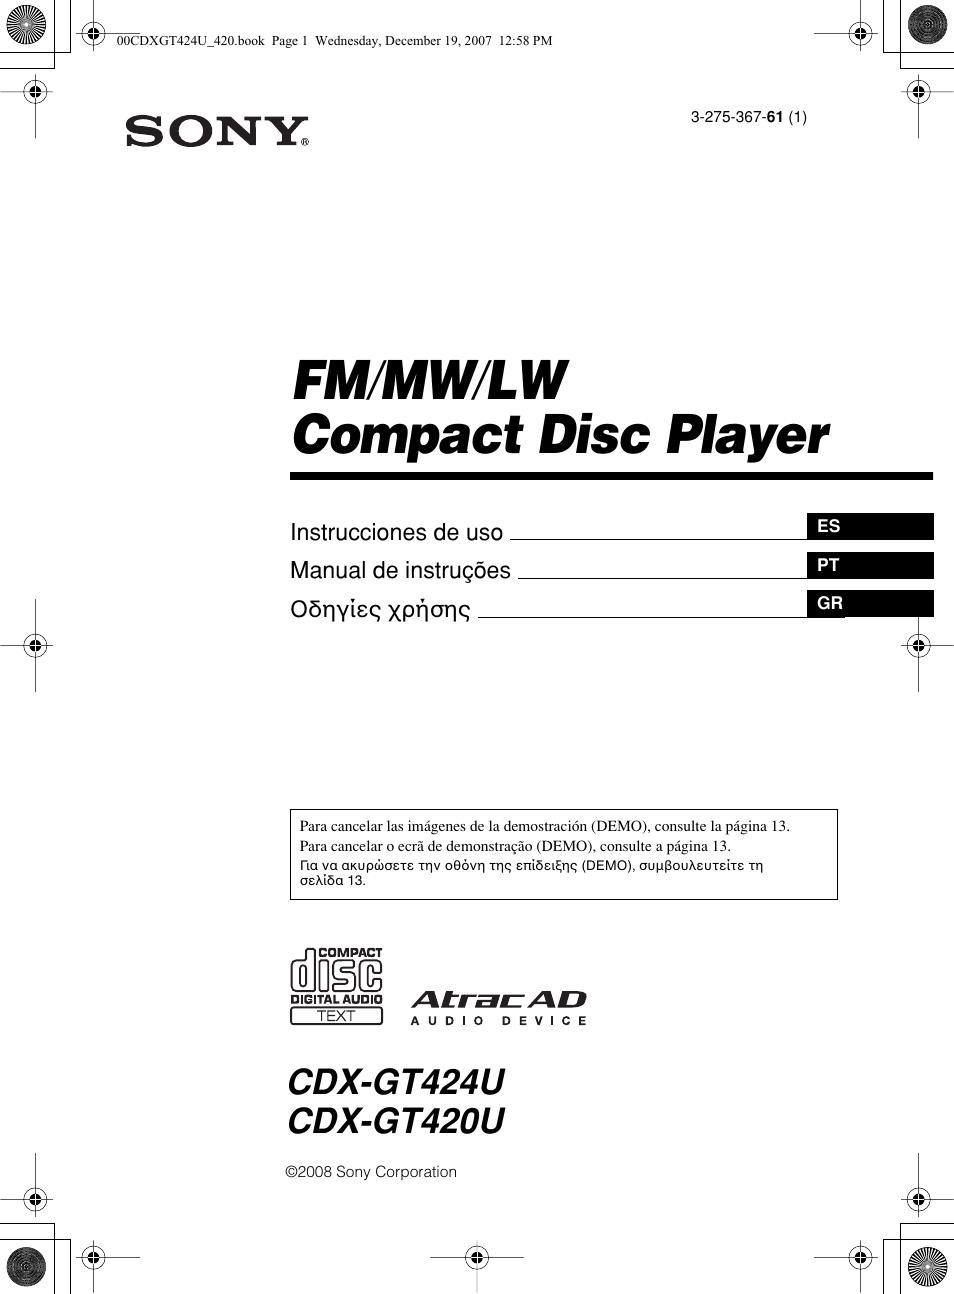 Sony Cdx Gt420u Wiring Diagram Diagrams Schema M610 Manual Del Usuario Pginas 64 F5710